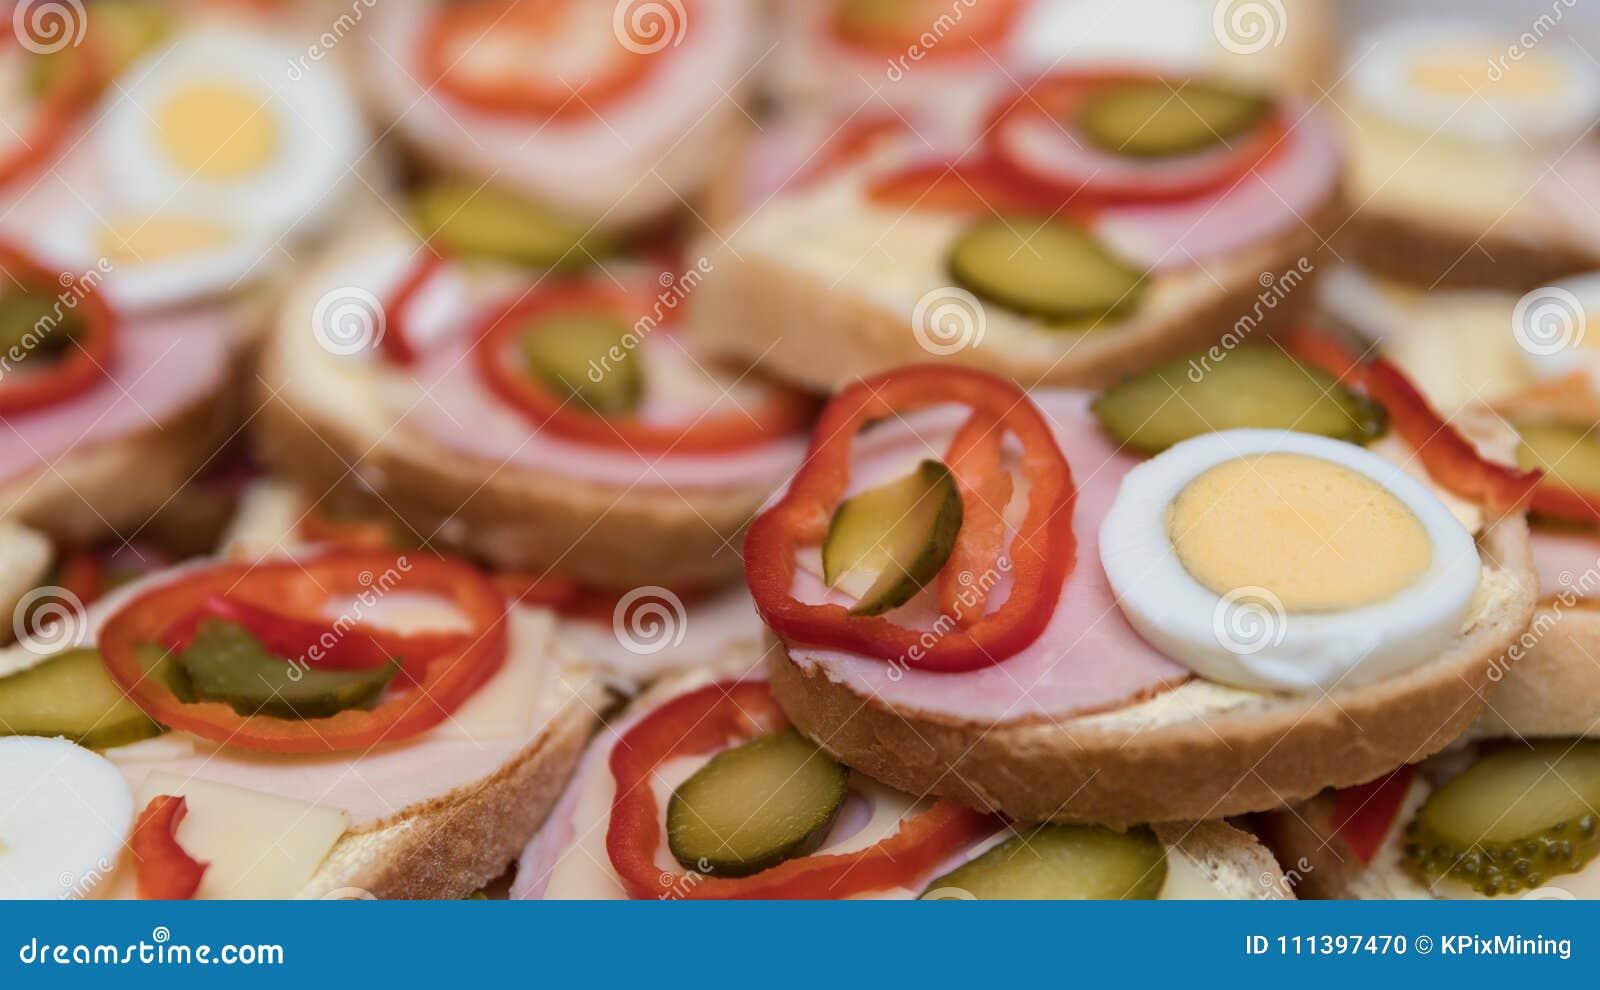 Offen-Gesichtssandwiche mit Wurst und Gemüse als Hintergrund